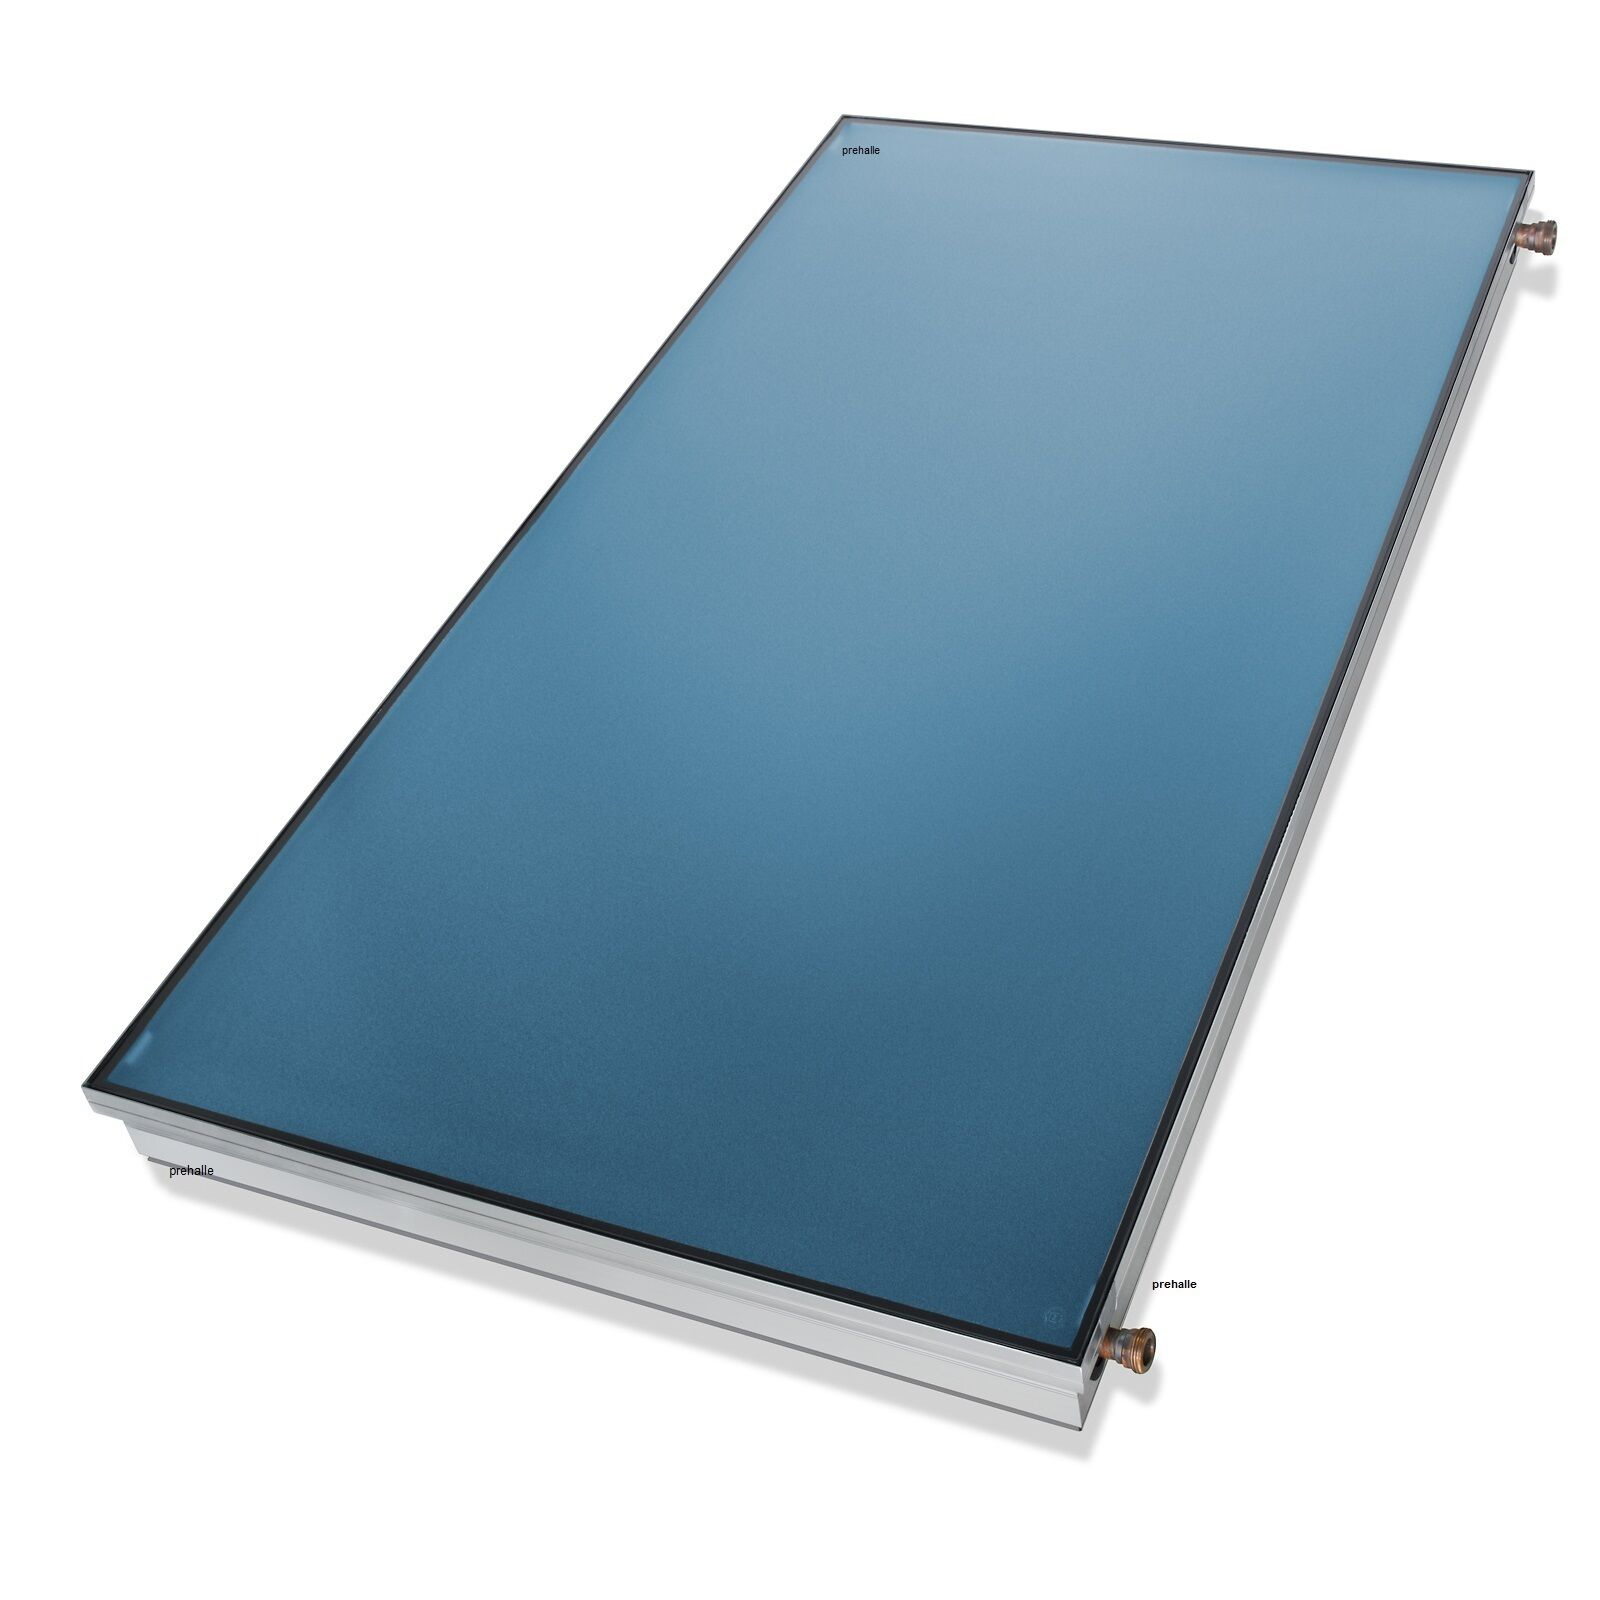 1A Flachkollektor 2,34m² Kollektor mit Dachhakenset für Pfanne für Solaranlage